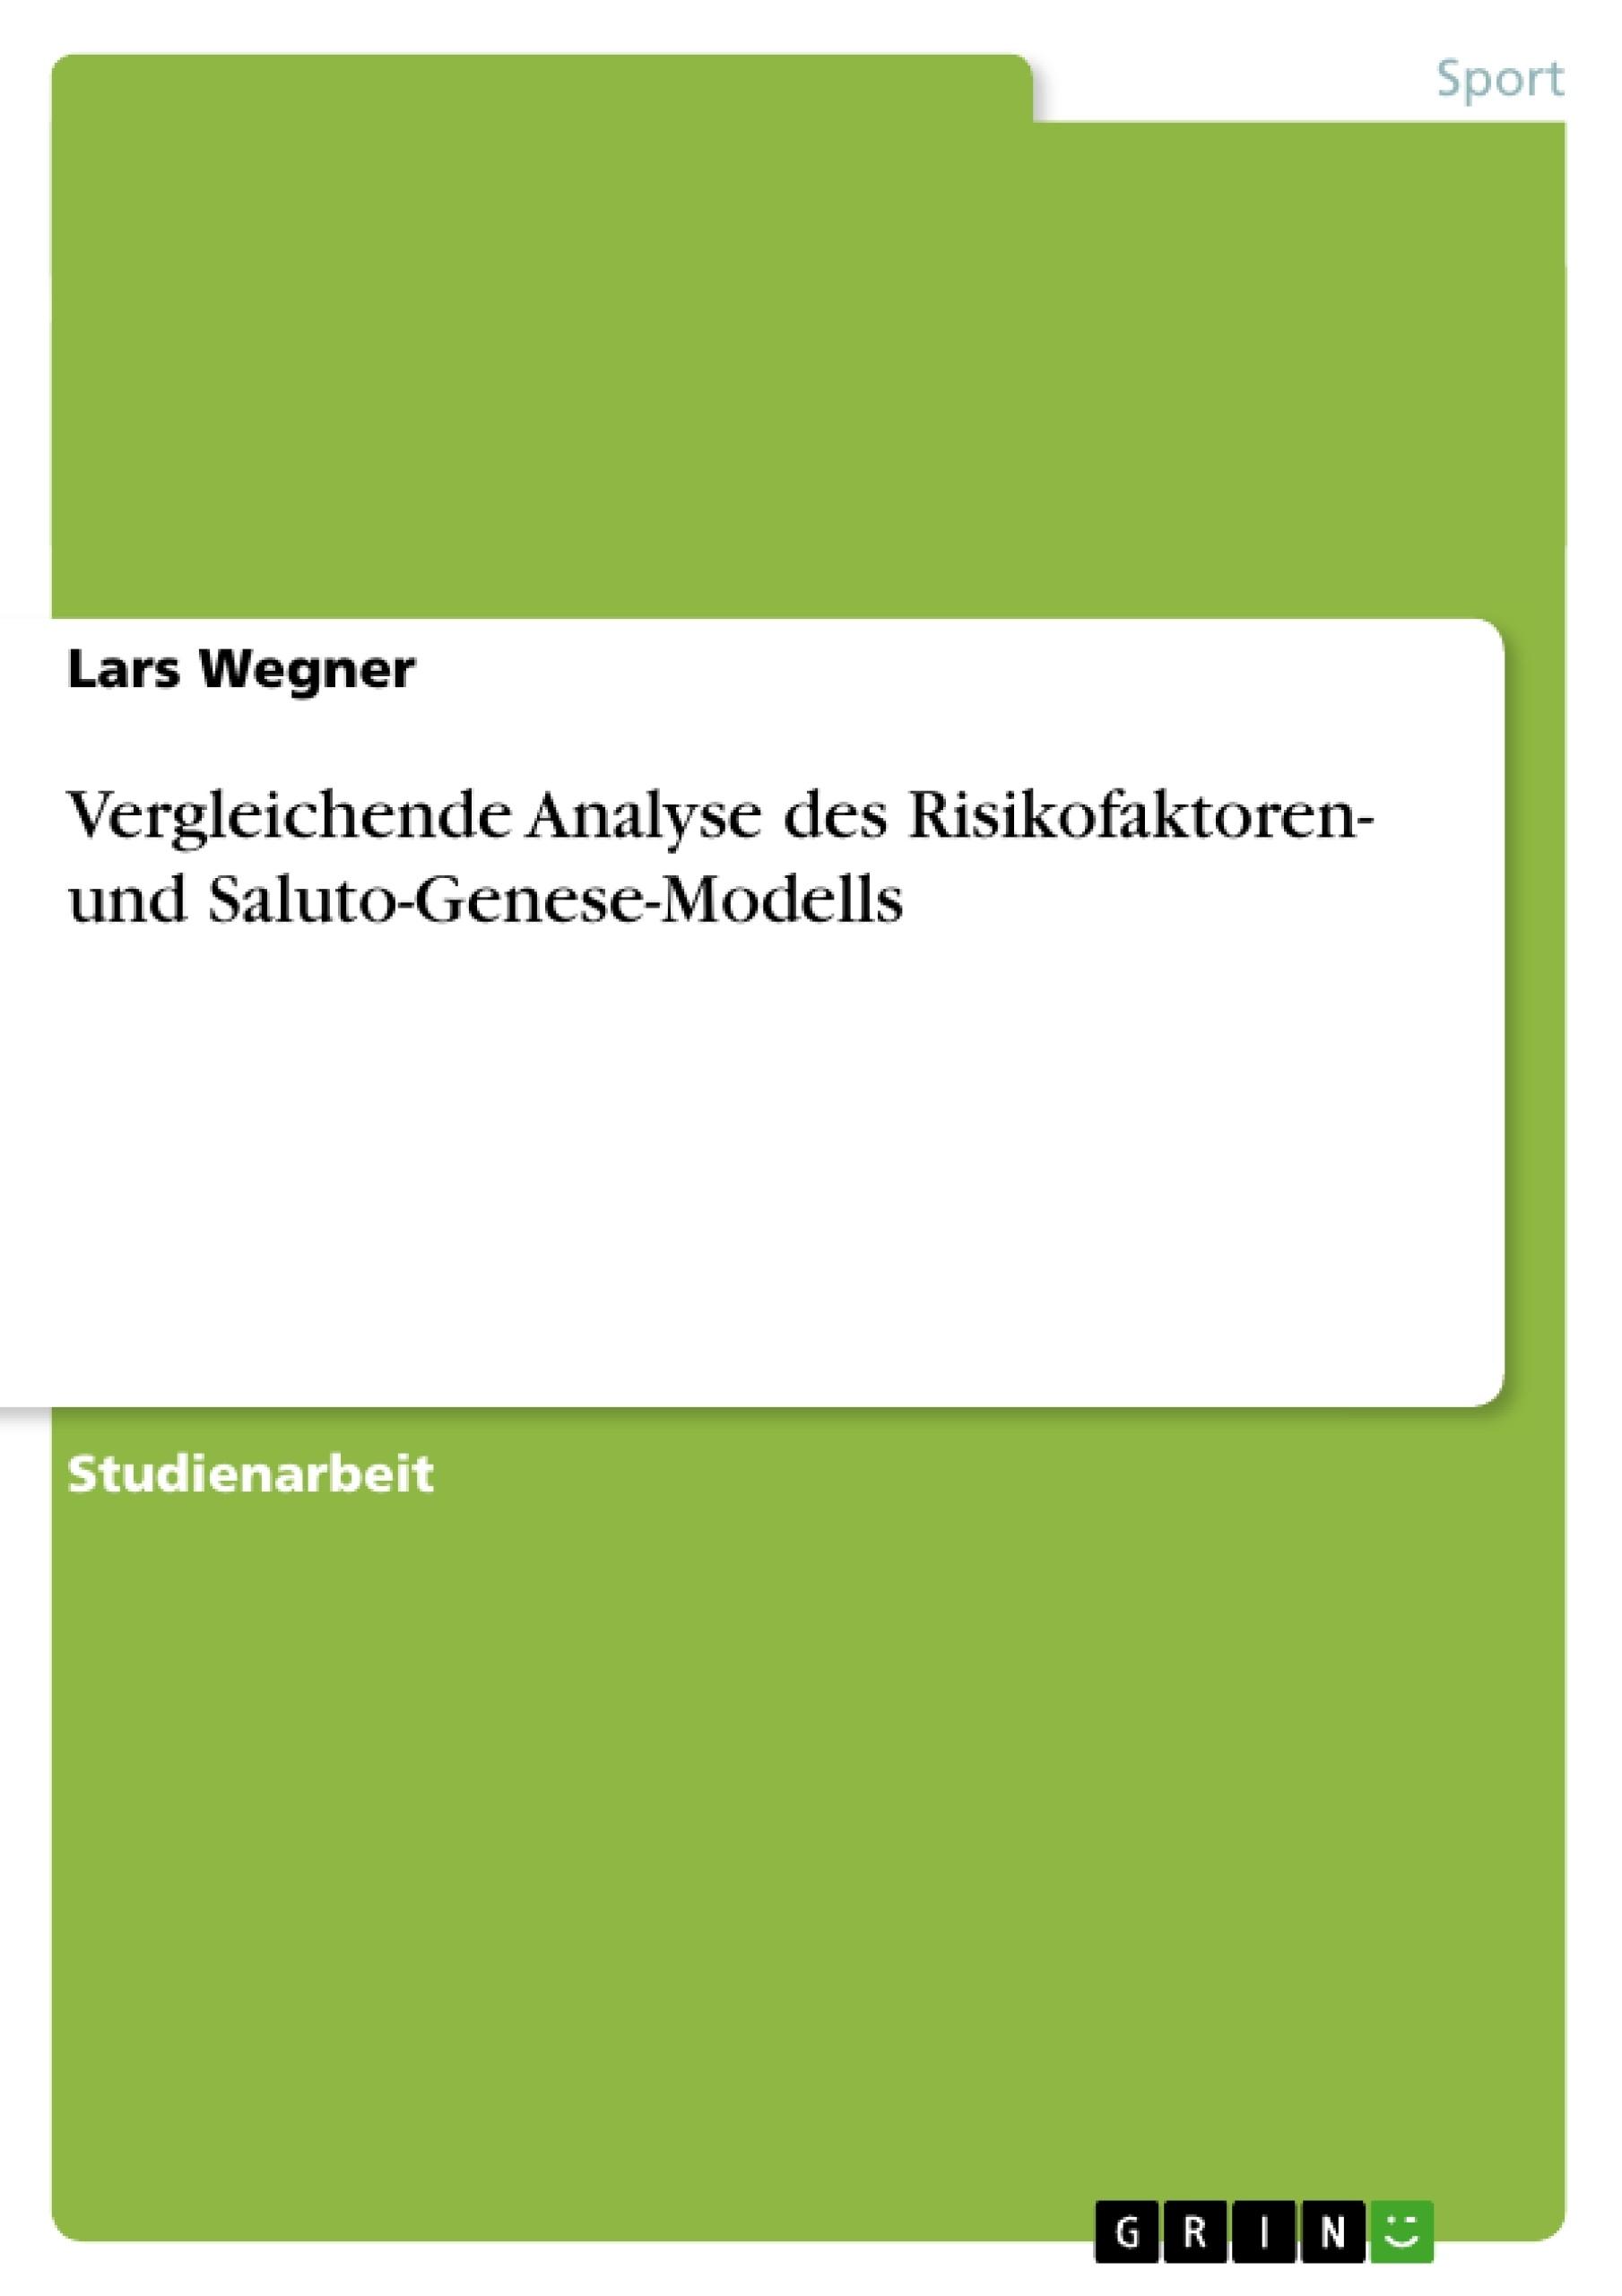 Titel: Vergleichende Analyse des Risikofaktoren- und Saluto-Genese-Modells